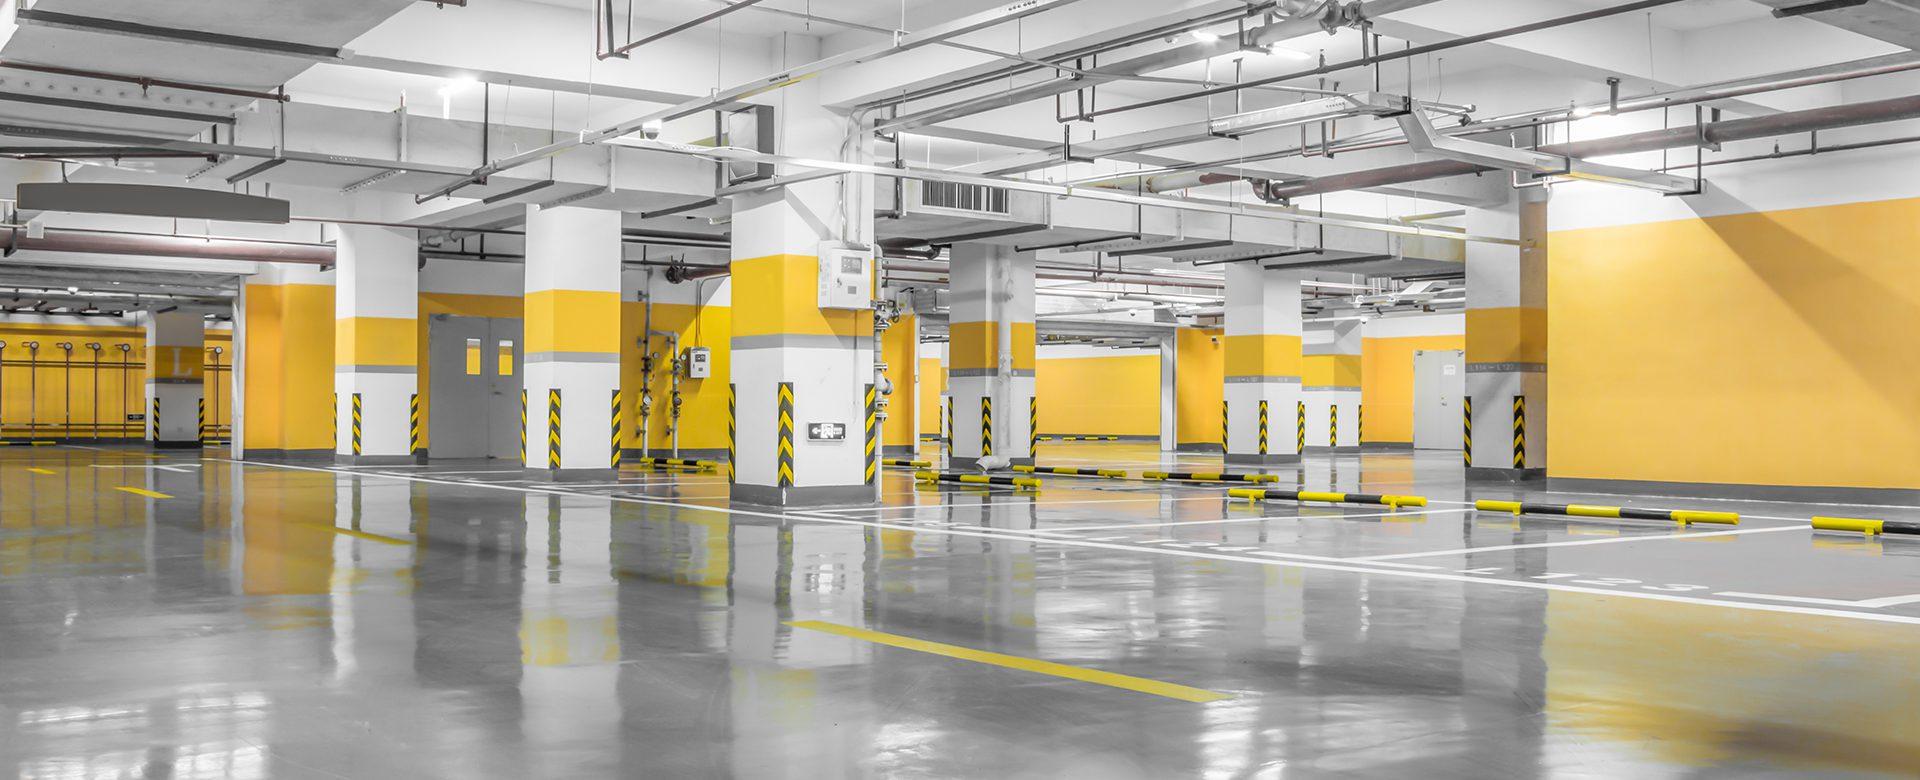 Bordeaux Services et Propreté - Entretien et nettoyage de copropriétés, parkings